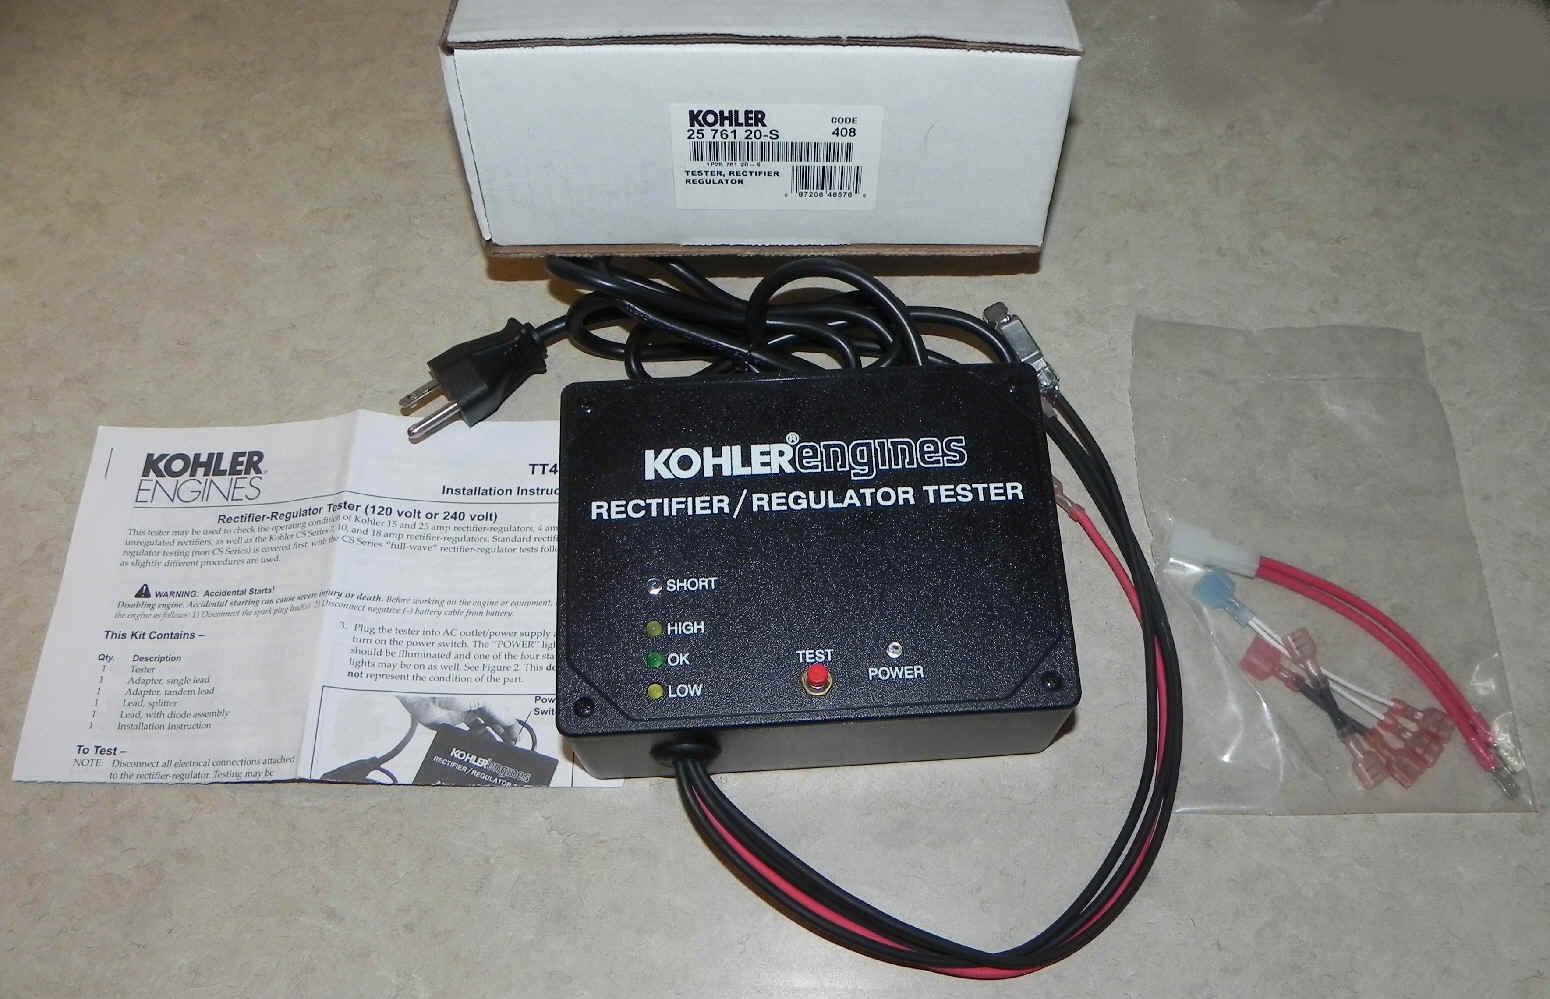 Kohler Rectifier Regulator Tester 25 761 20-S